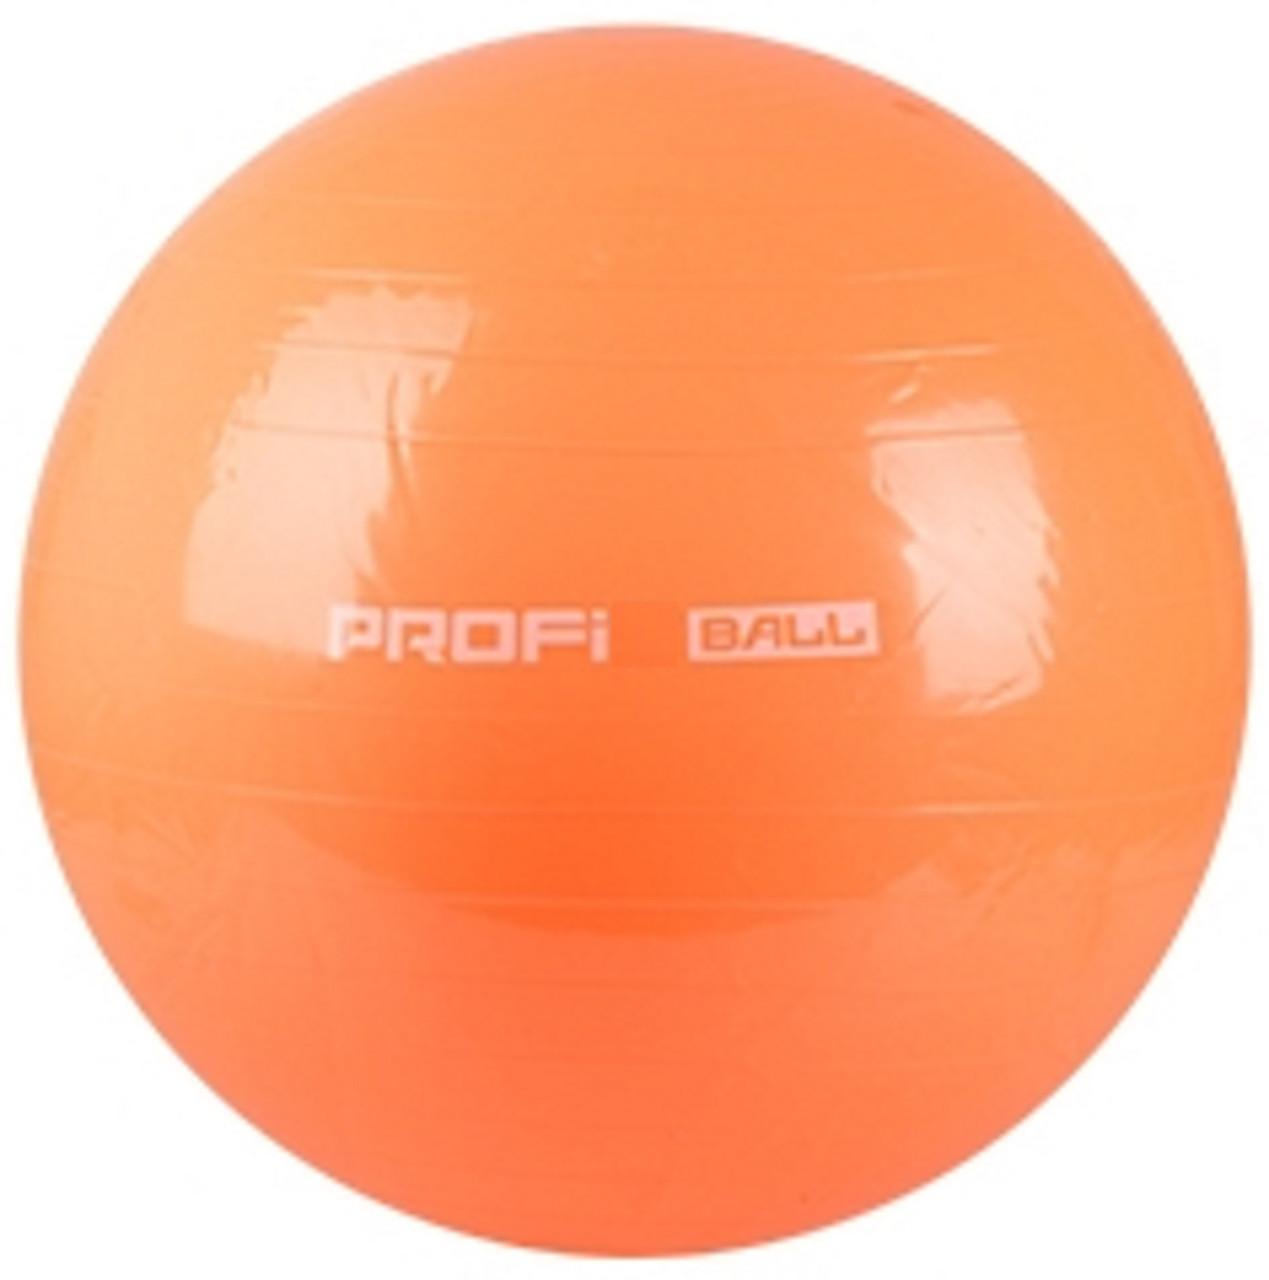 Фитбол Profi Ball 65 см. Оранжевый (MS 0382OR)